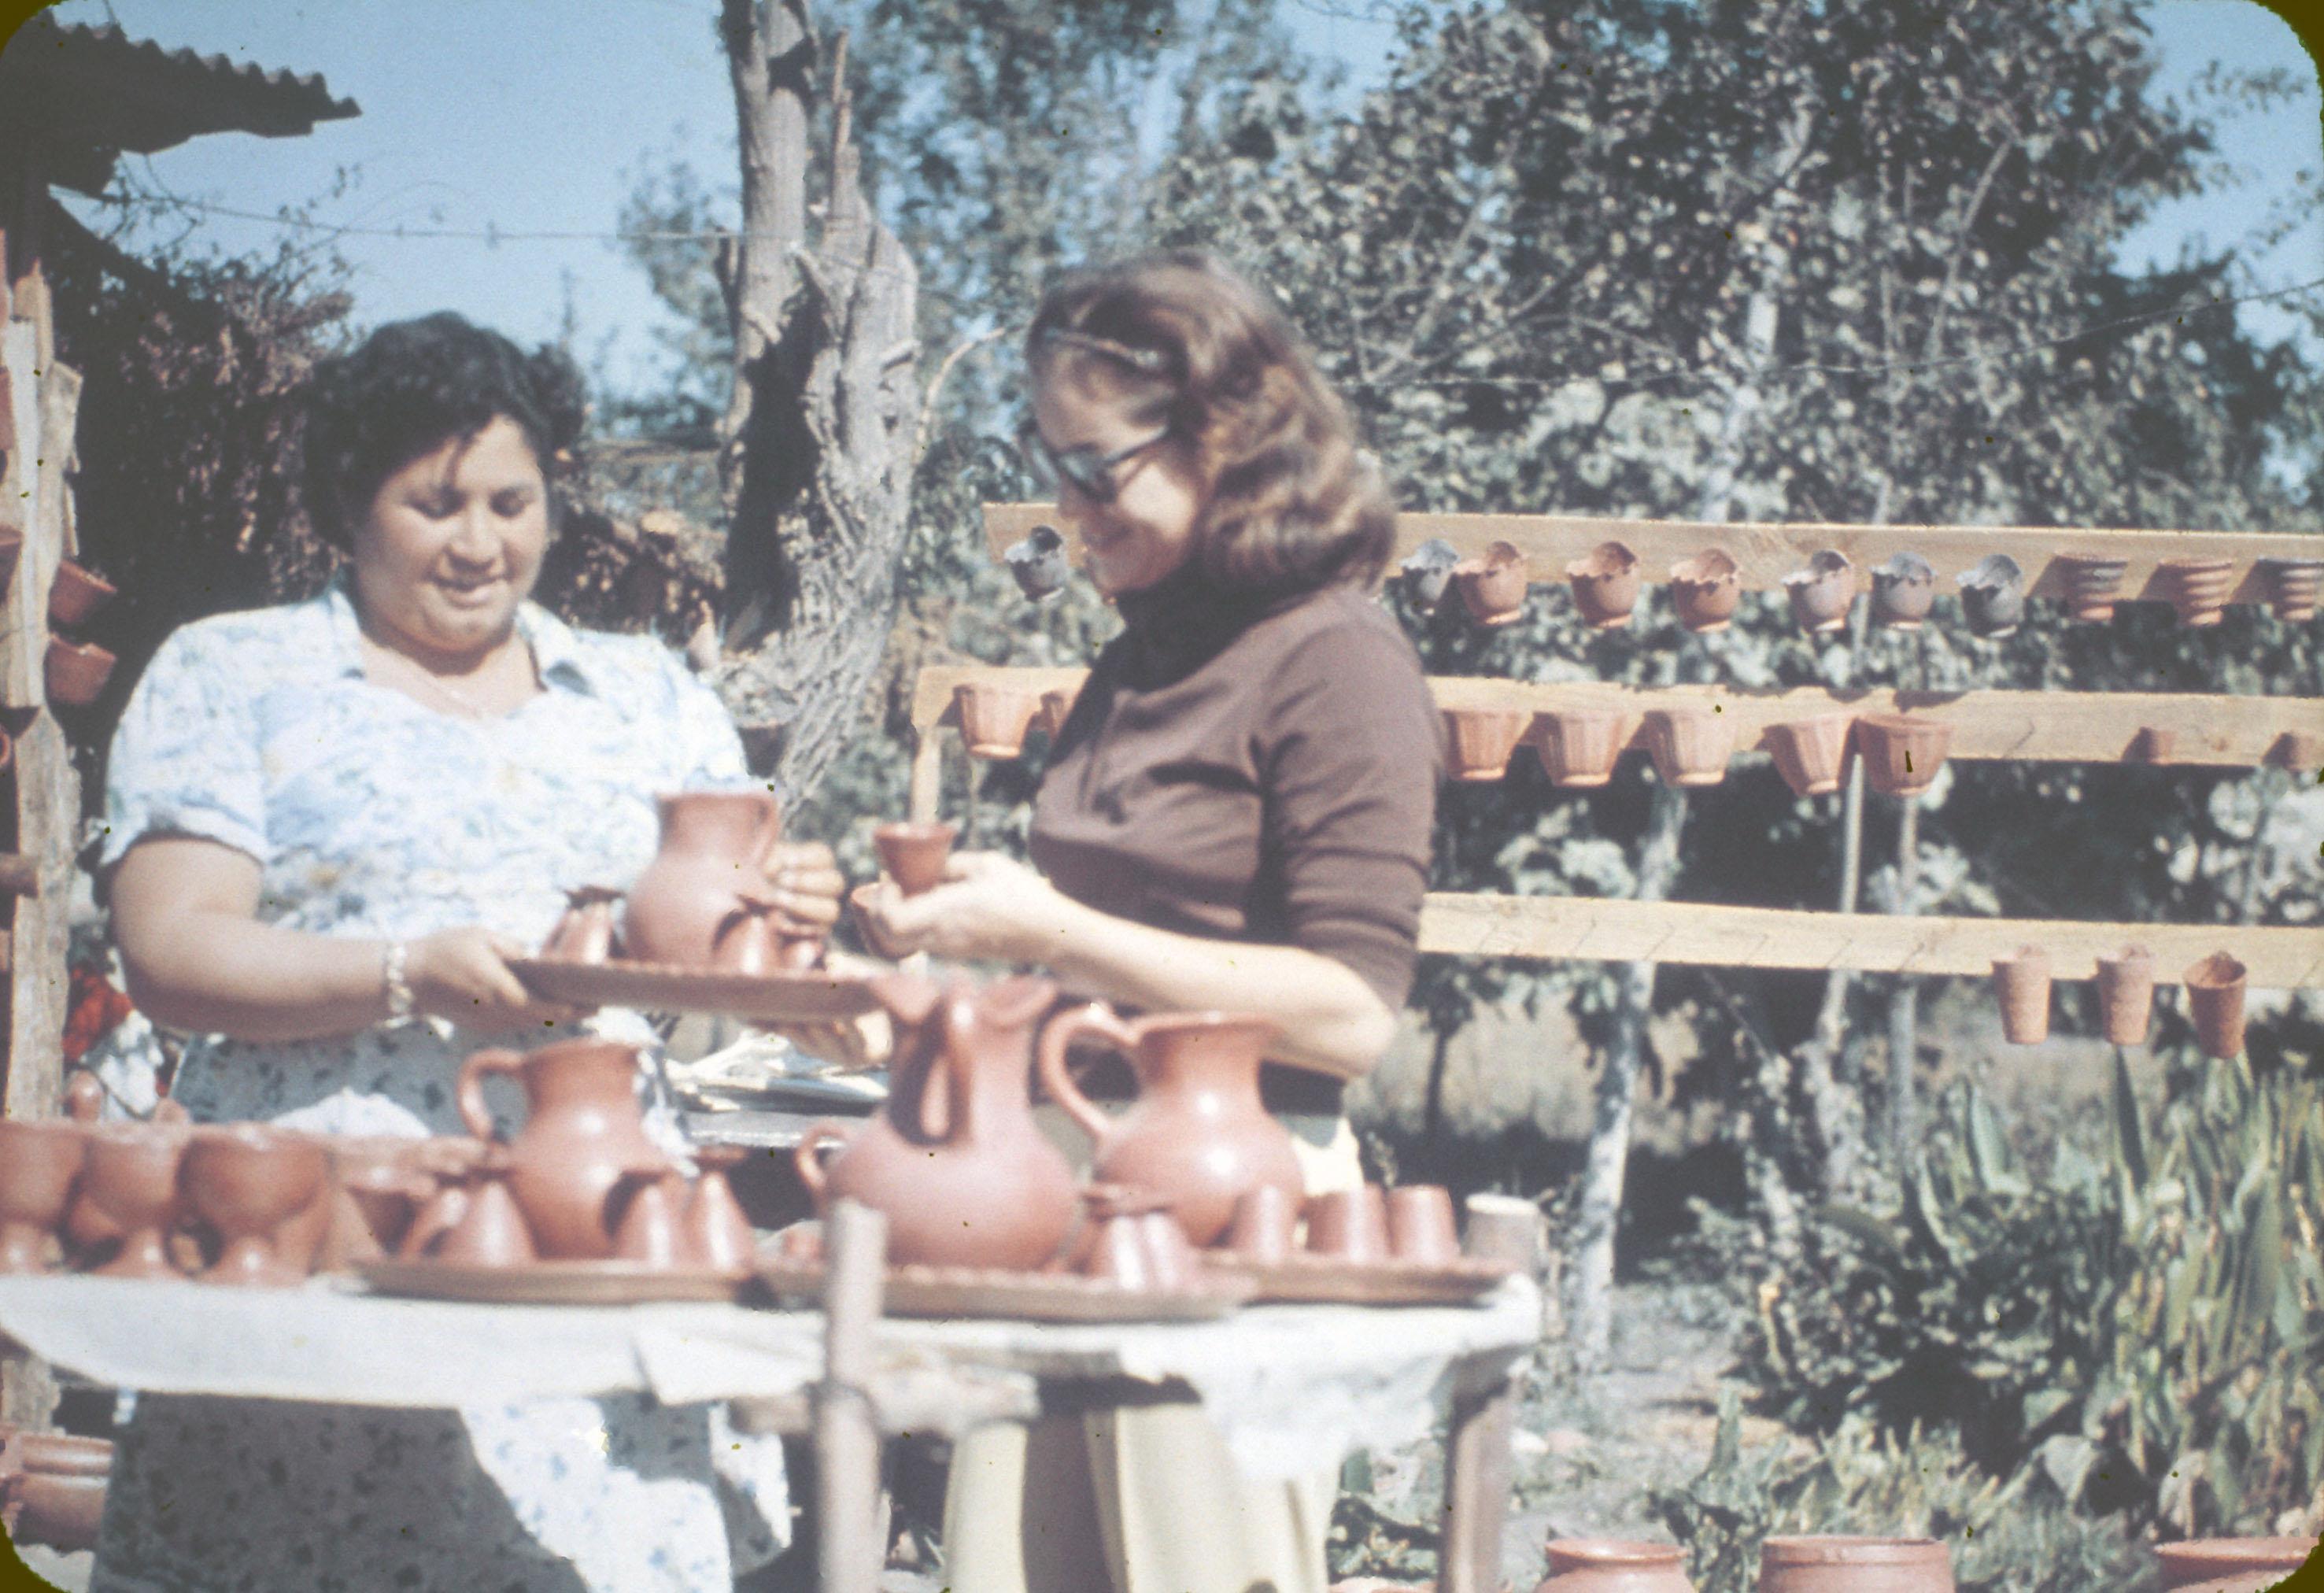 Enterreno - Fotos históricas de chile - fotos antiguas de Chile - Artesanía en Pomaire, en los años 60s.